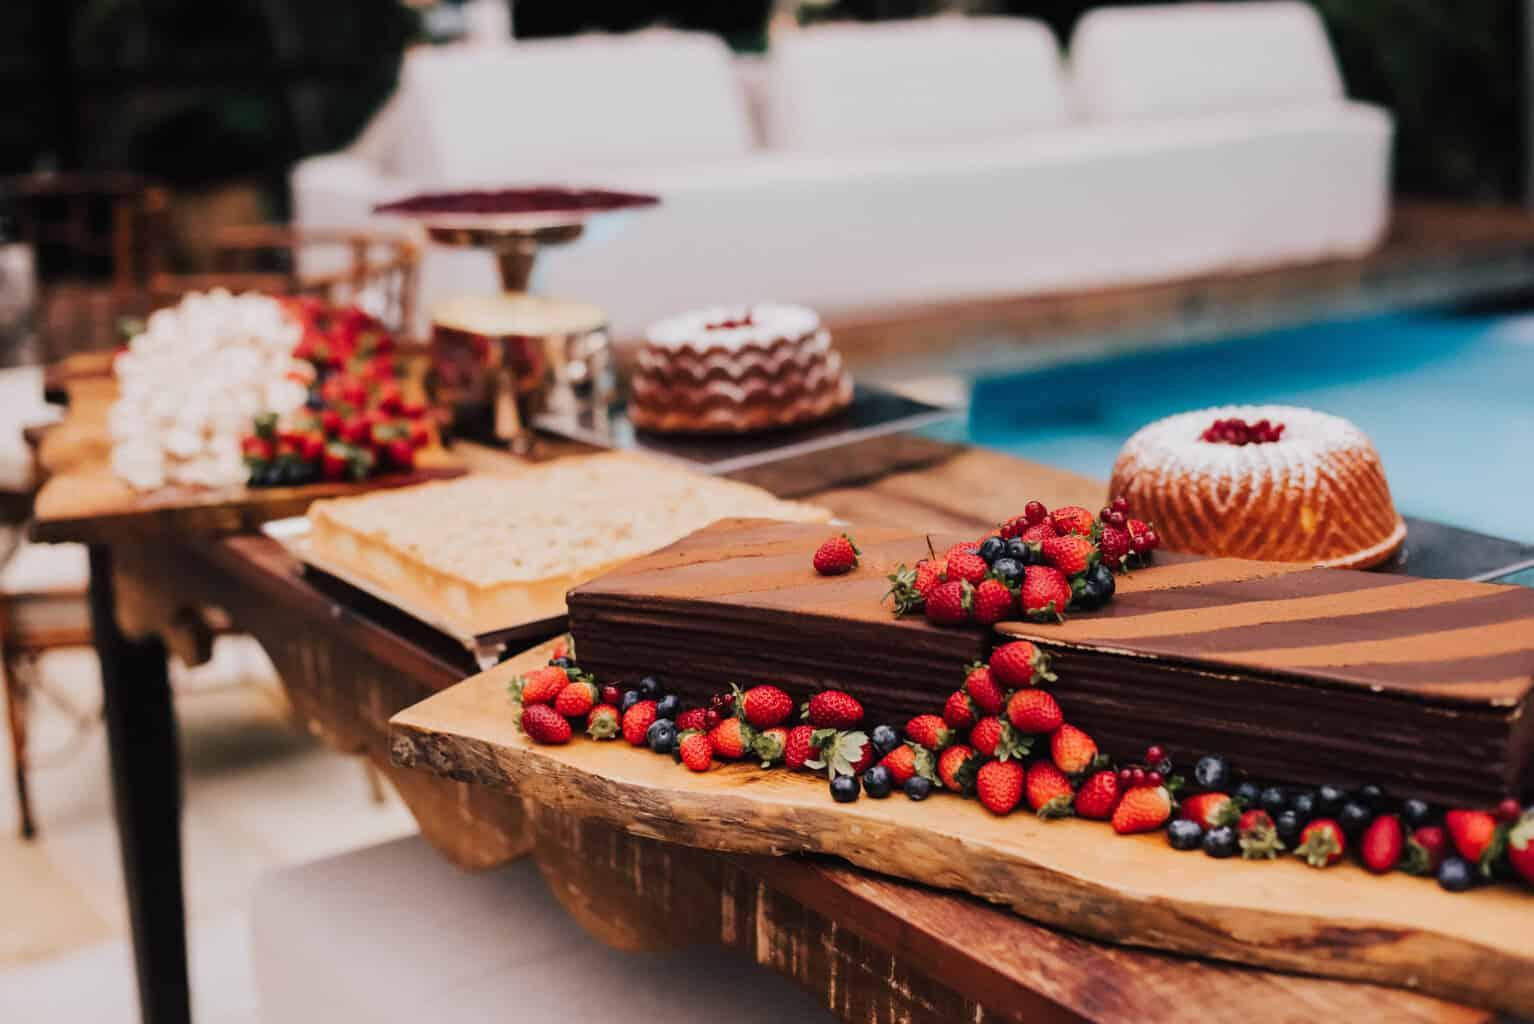 casamento-Maitê-e-Breno-decor-contemporanea-decoracao-branca-com-verde-Fotografia-Mana-Gollo-Hotel-Timbó-Park24